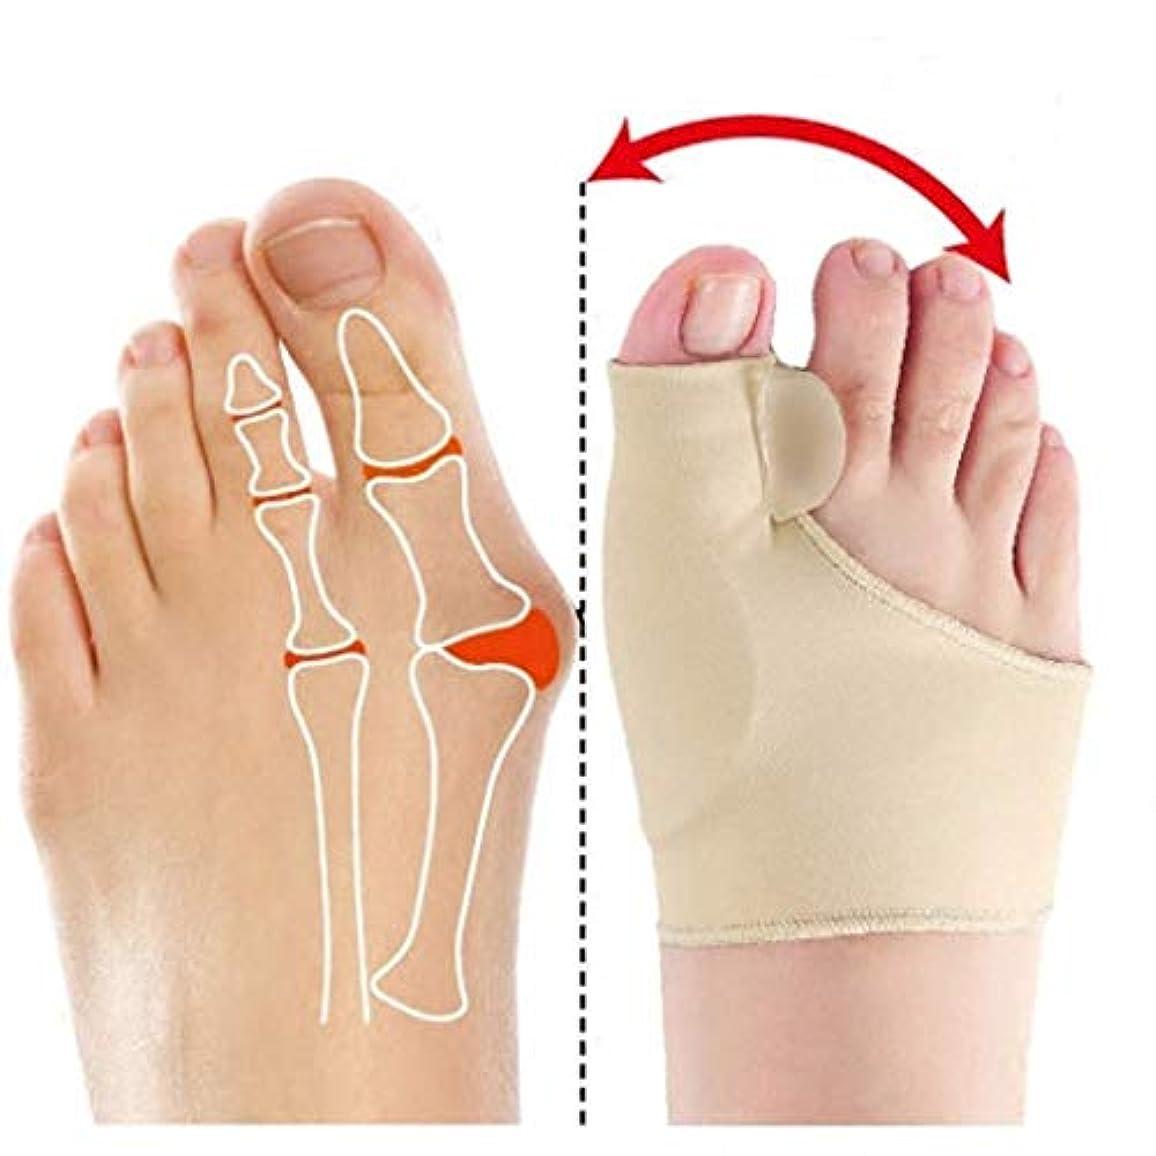 補う受粉者大聖堂Dyong Thumb Toe Corrector Big Toe Straightener Toe Pain Relief Sleeve、Bunion Splint Support Sleeve with Built-in...